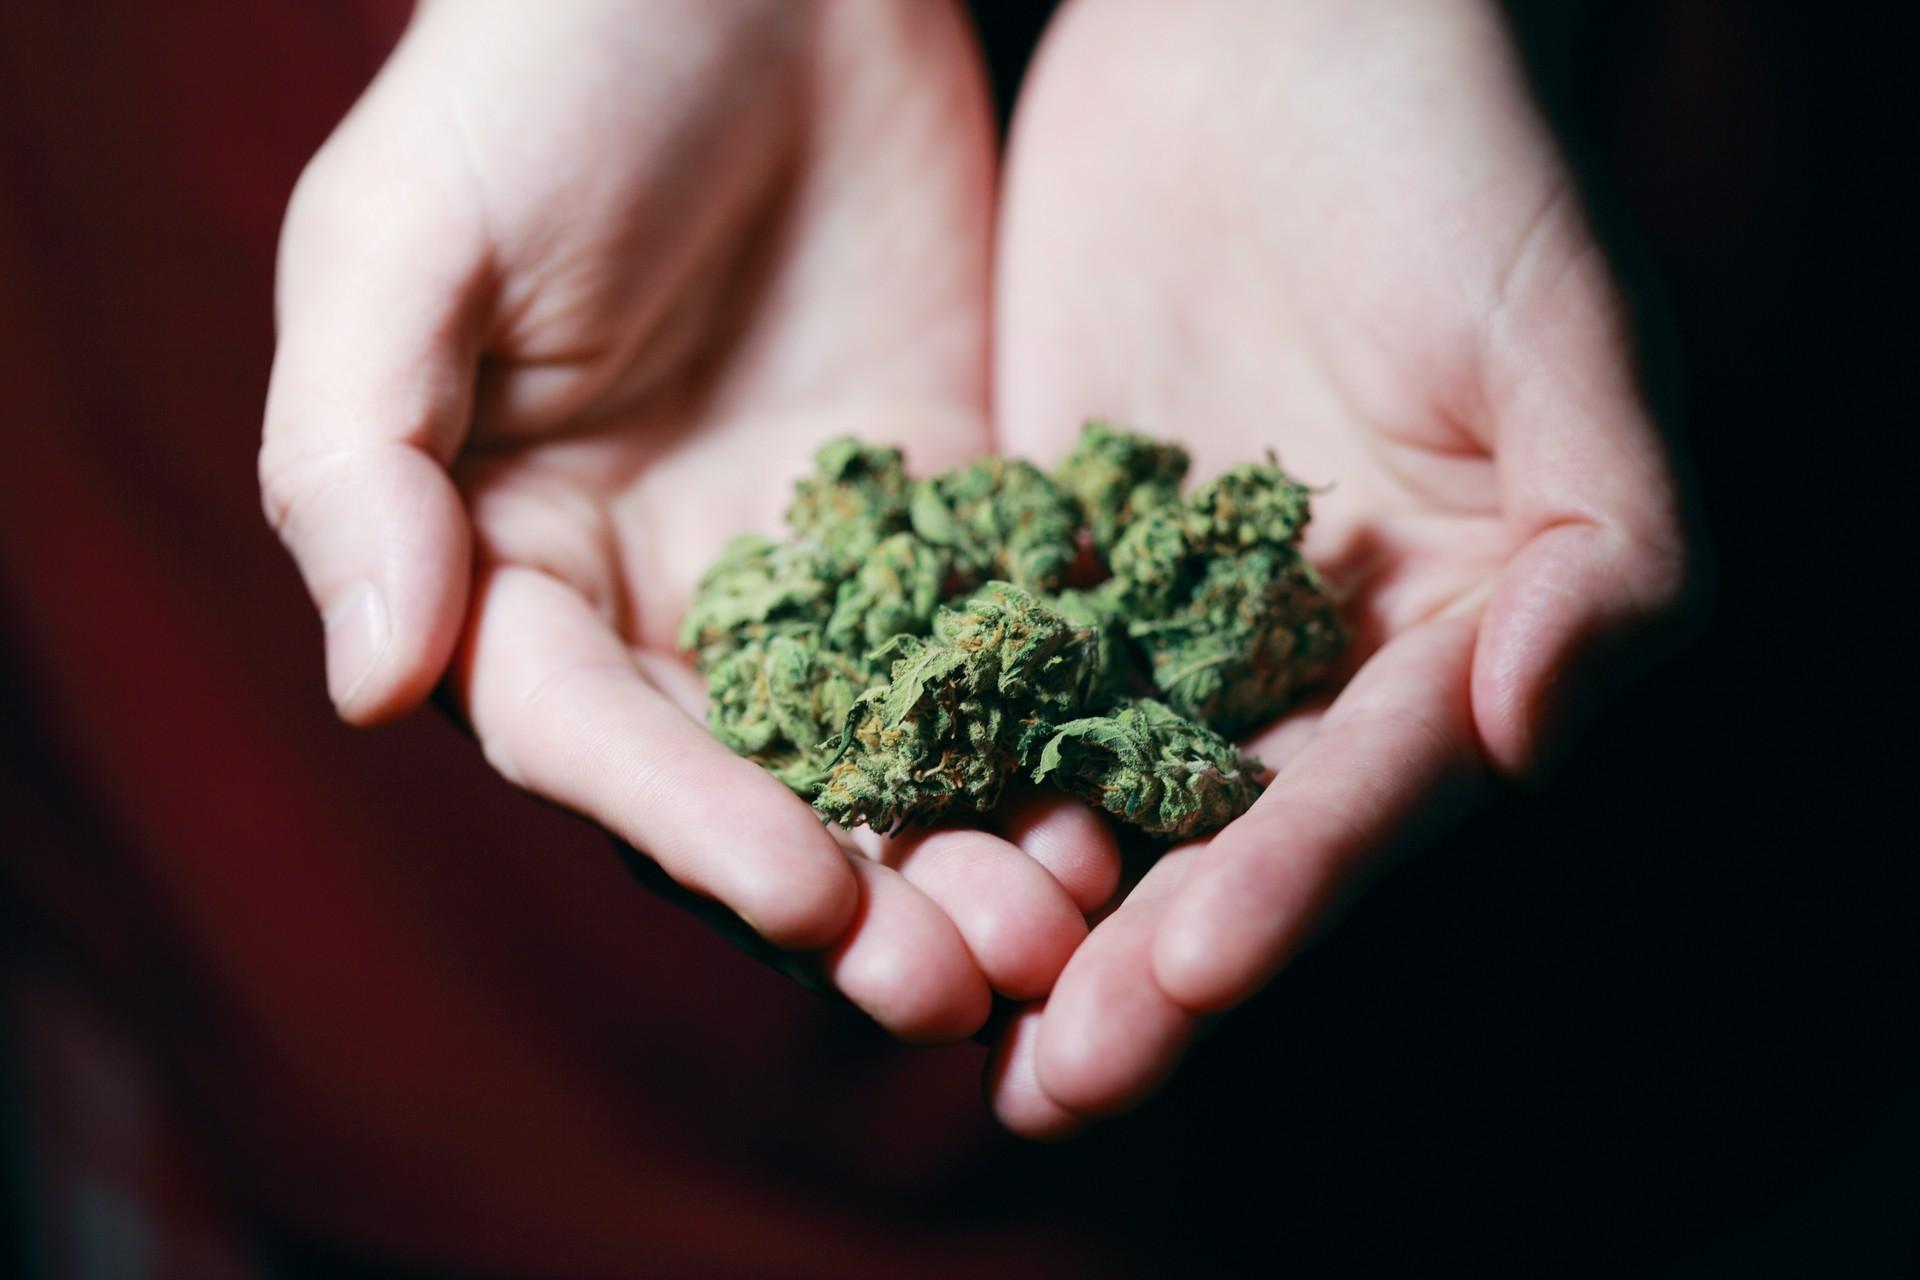 Difesa in caso di arresto o processo per spaccio di droga